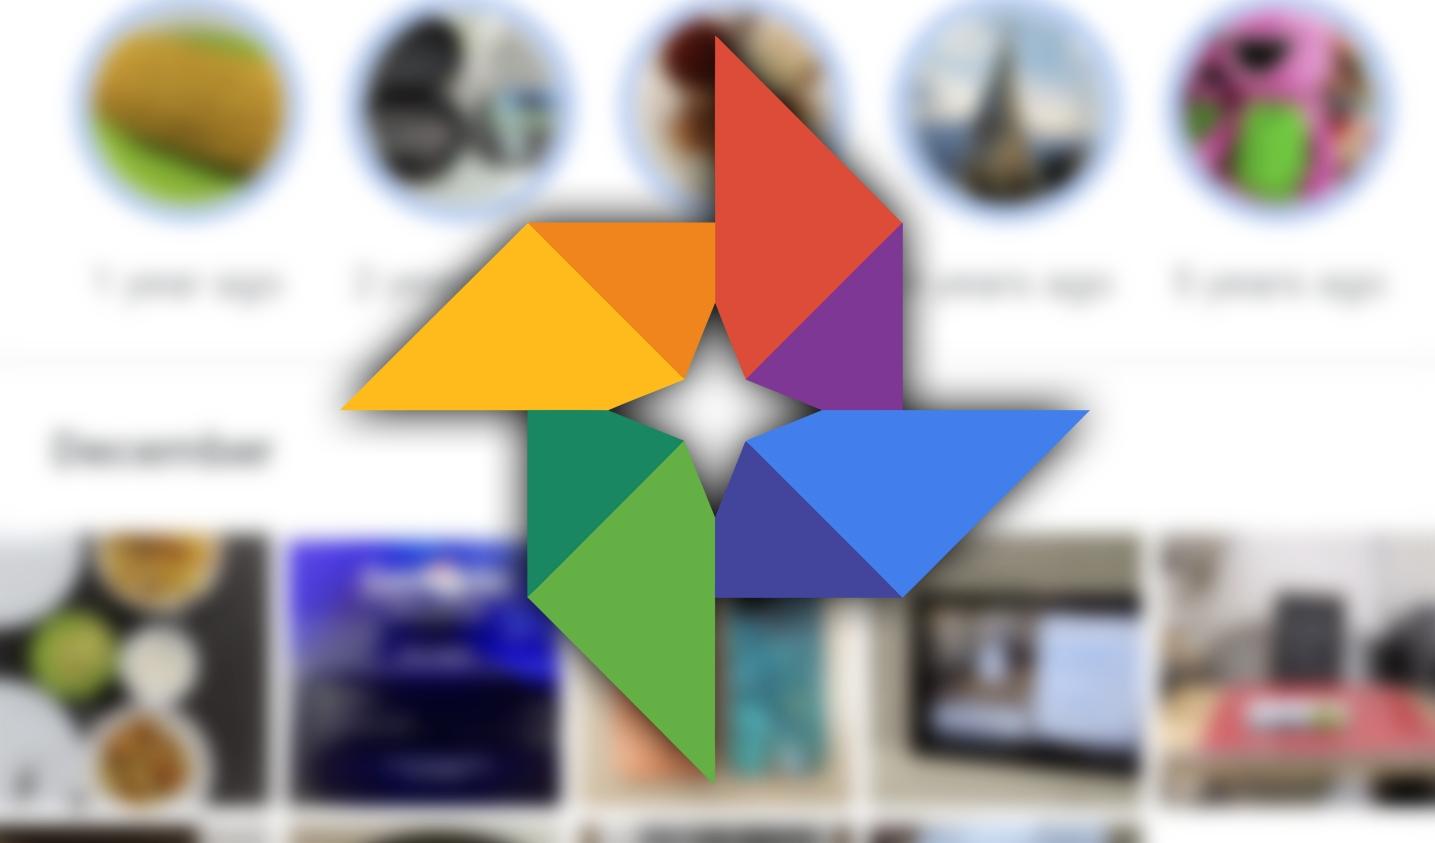 Google Фото обновили: новый логотип, дизайн исвежие функции